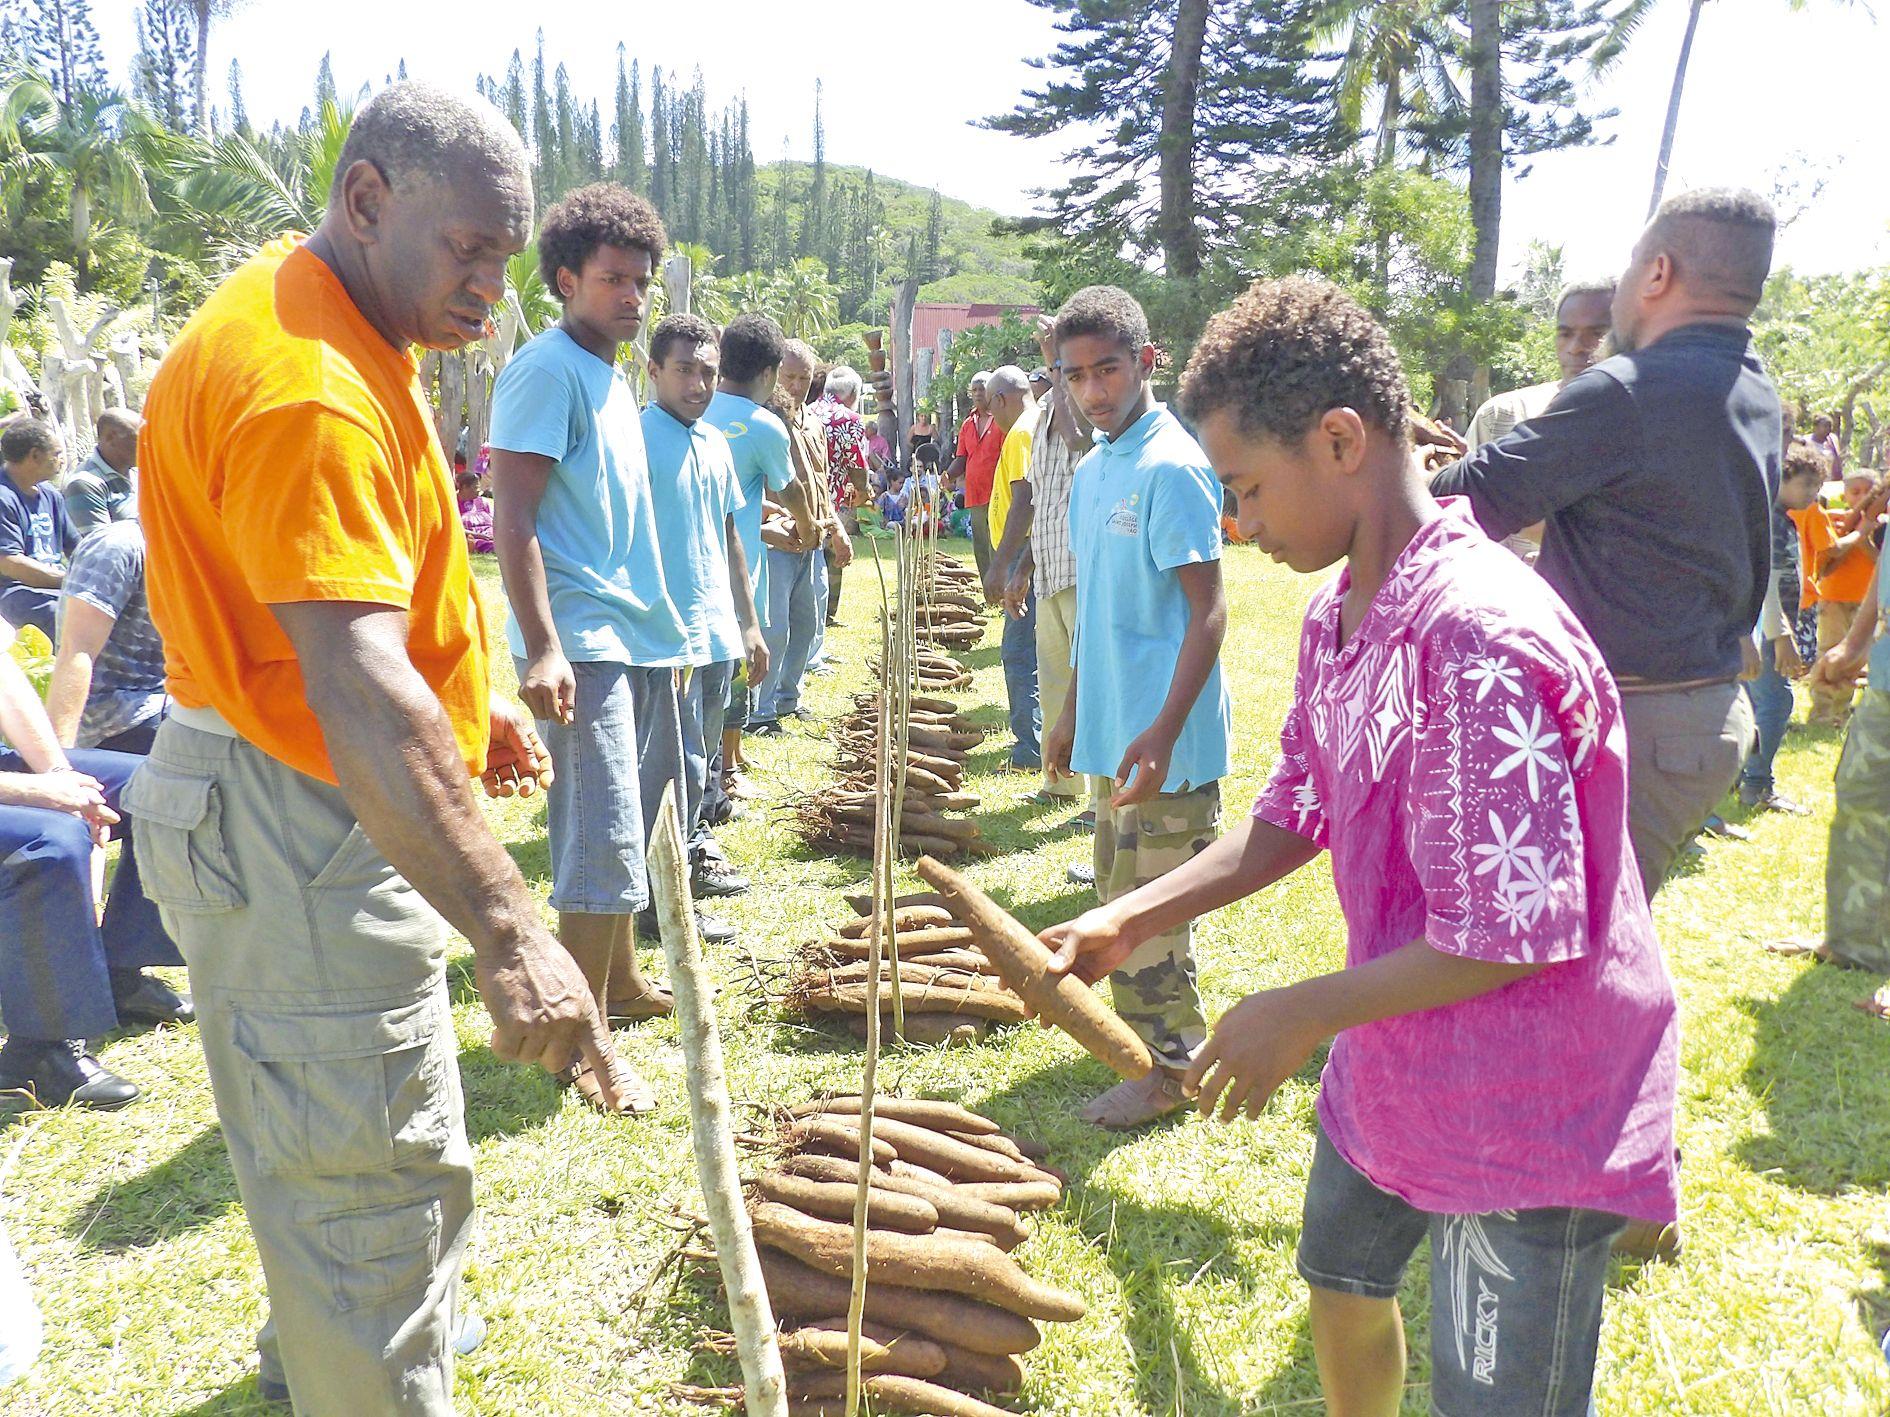 Une cérémonie de partage codifiée à laquelle étaient invités les écoles et les touristes. Les adultes ont conseillé les plus jeunes pour mener à bien ce partage.